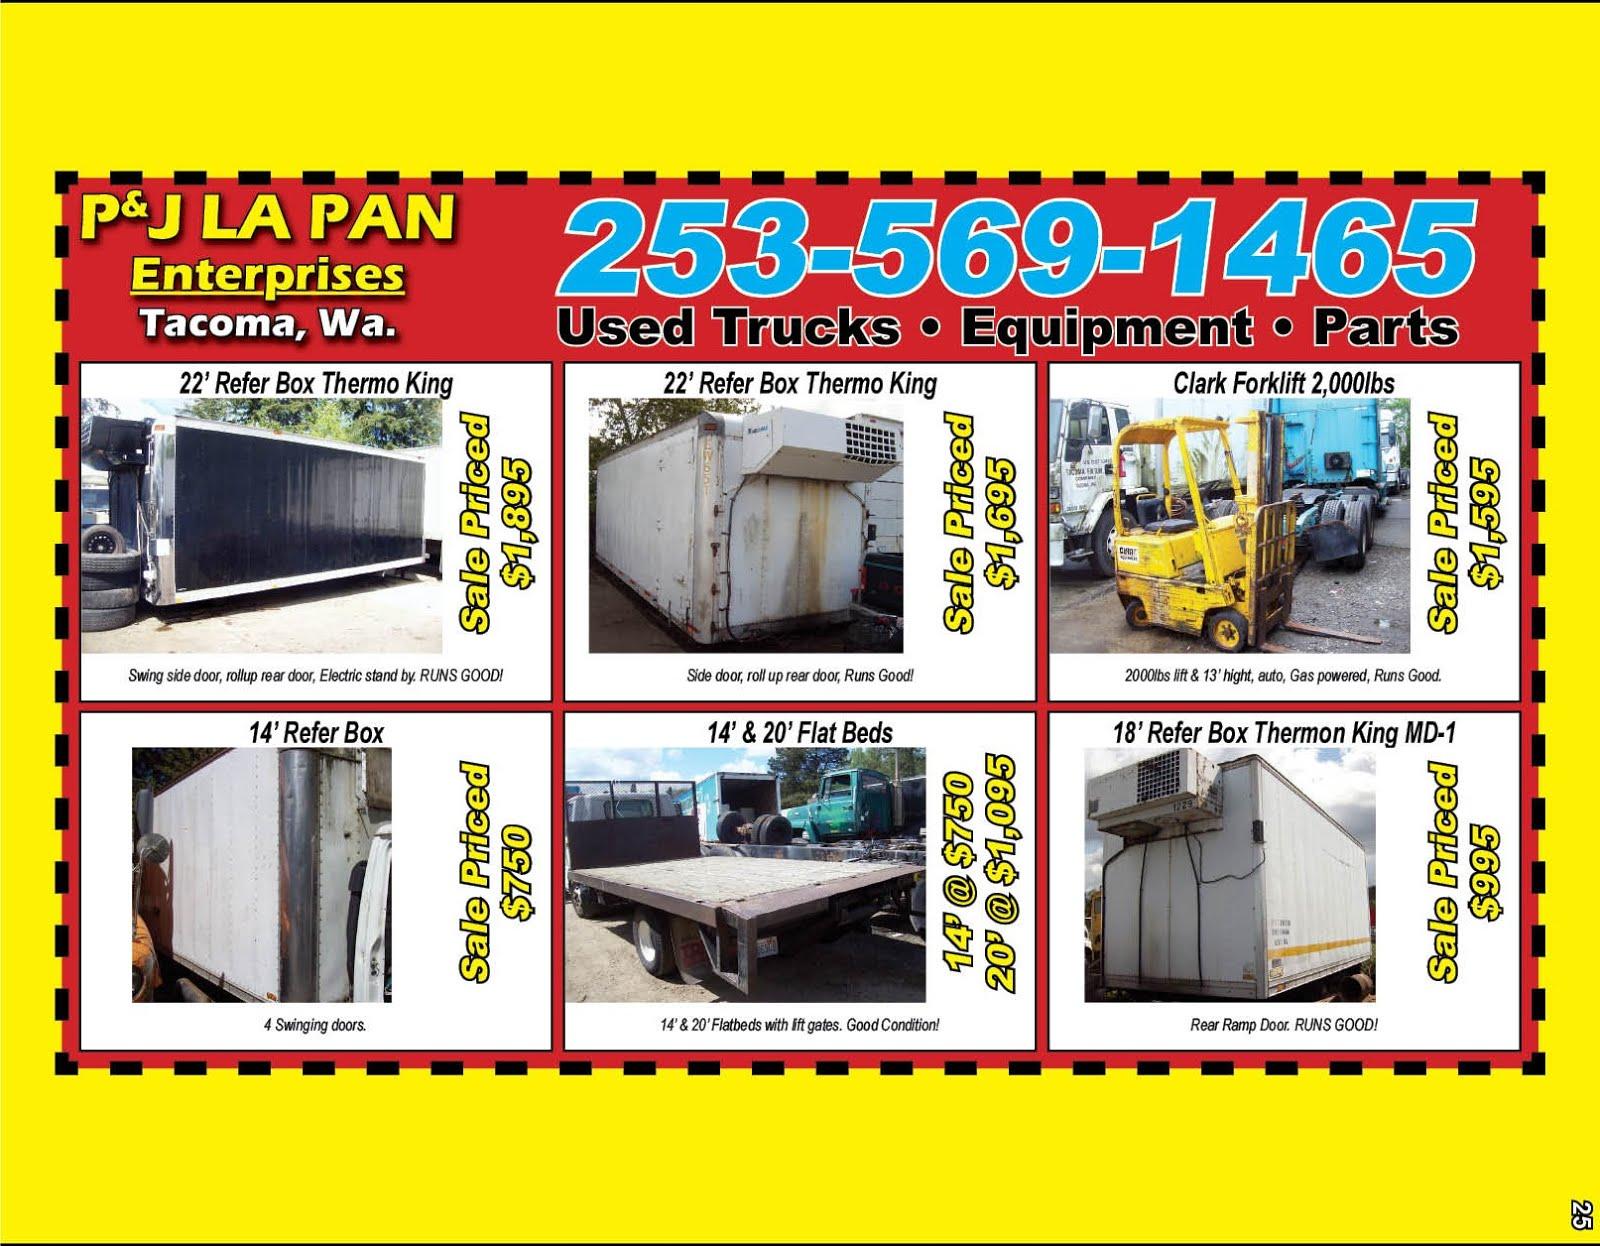 P & J LaPan Enterprises